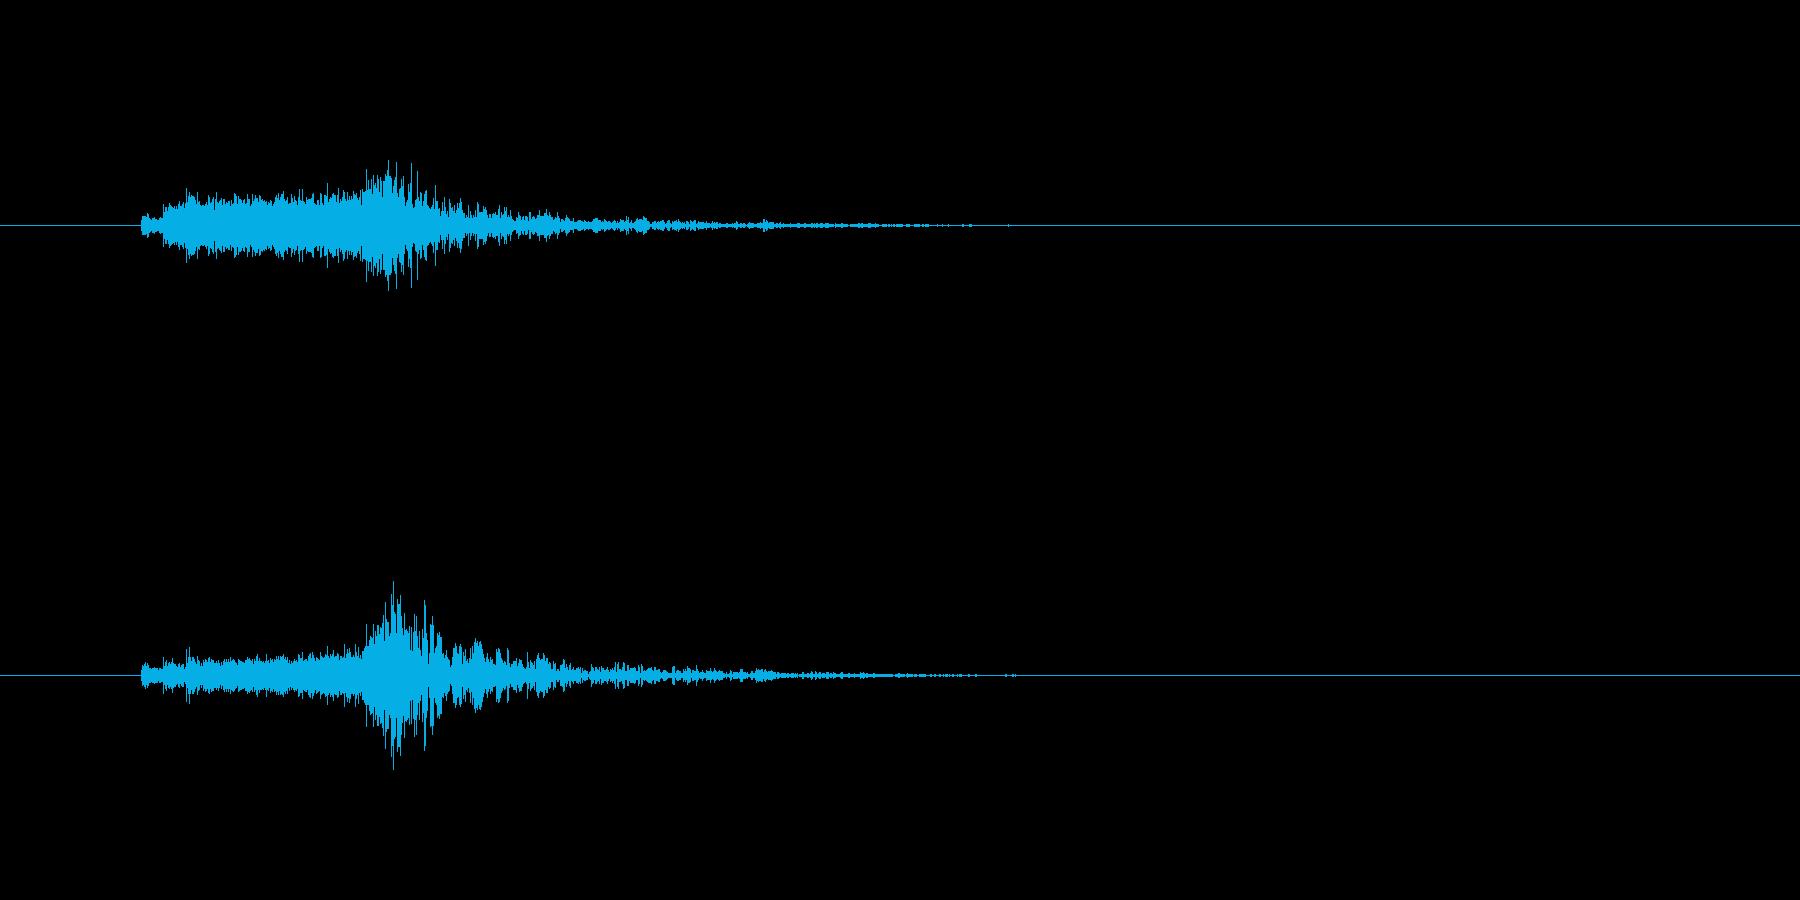 ジングル(SE向き)の再生済みの波形